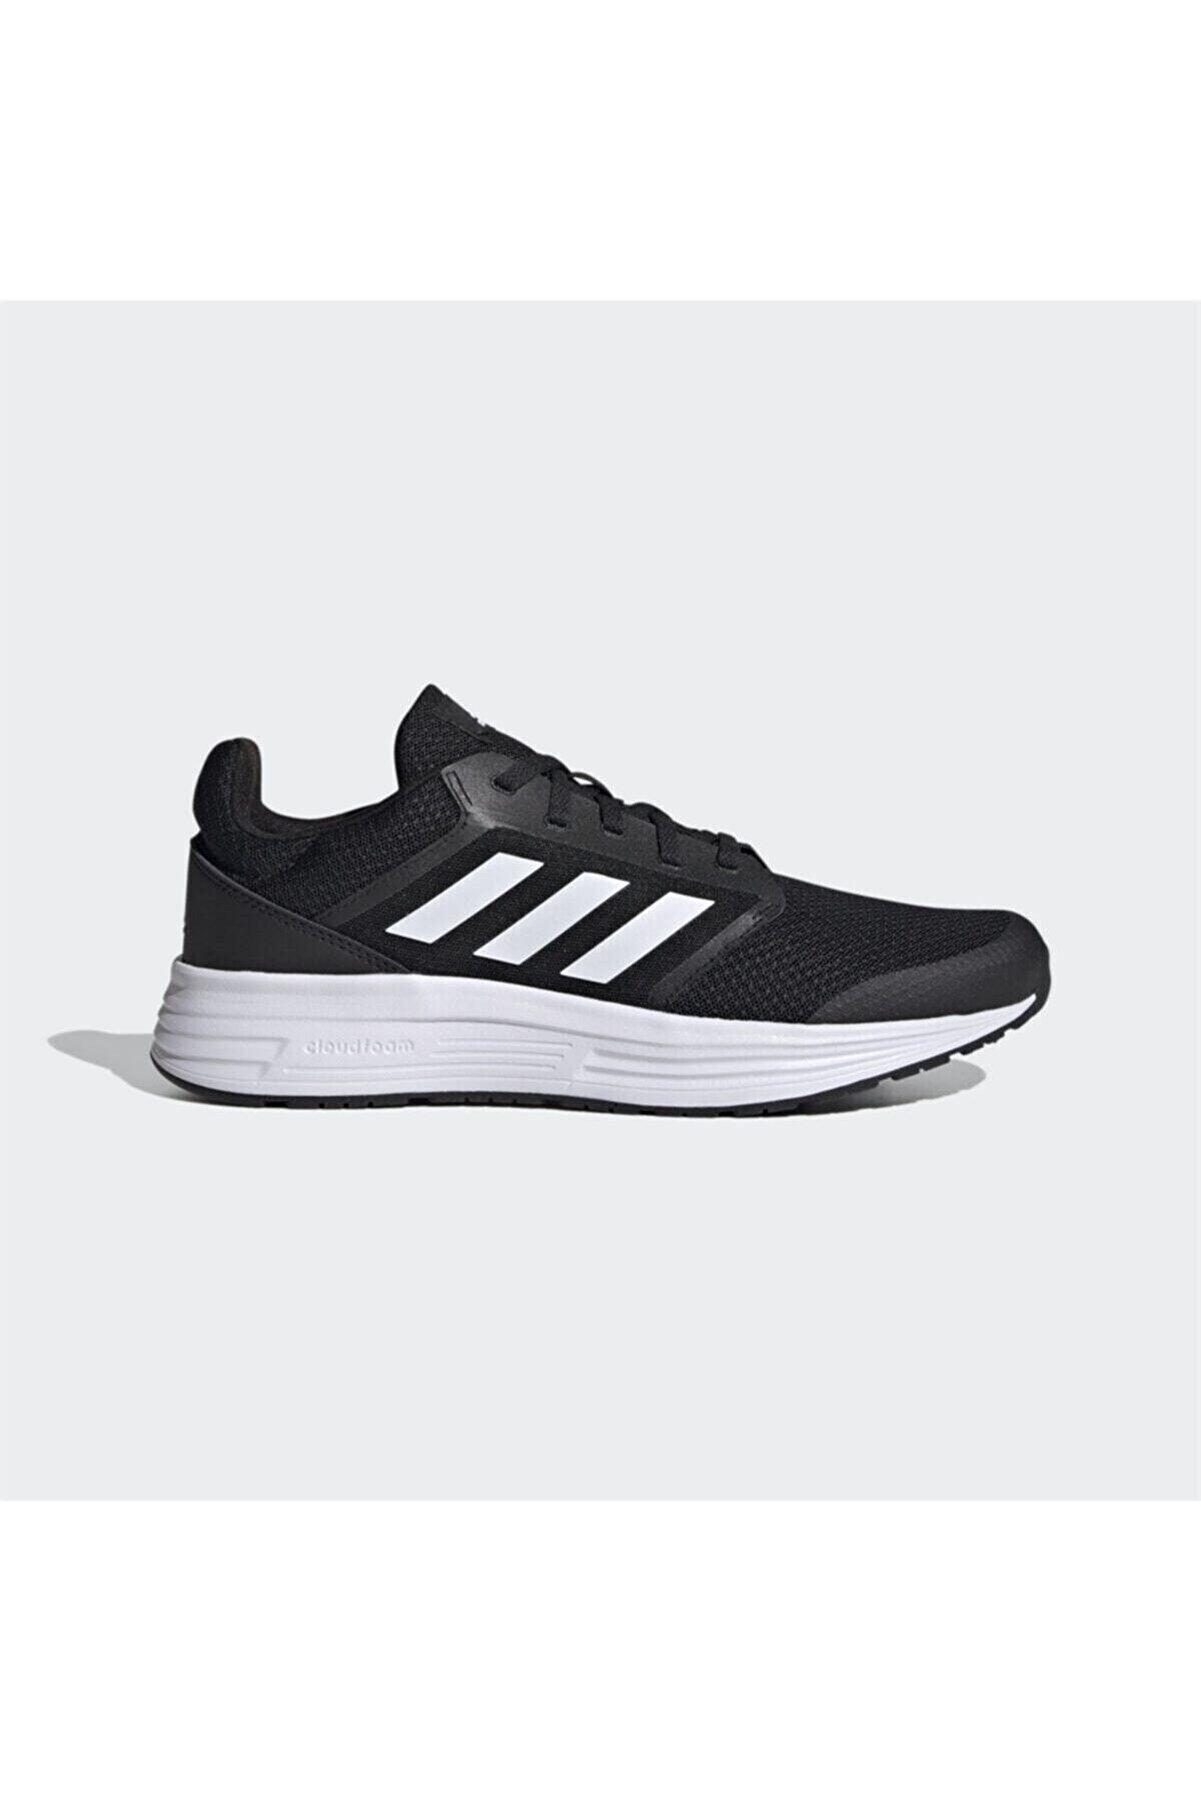 adidas Galaxy 5 Erkek Koşu Ayakkabısı